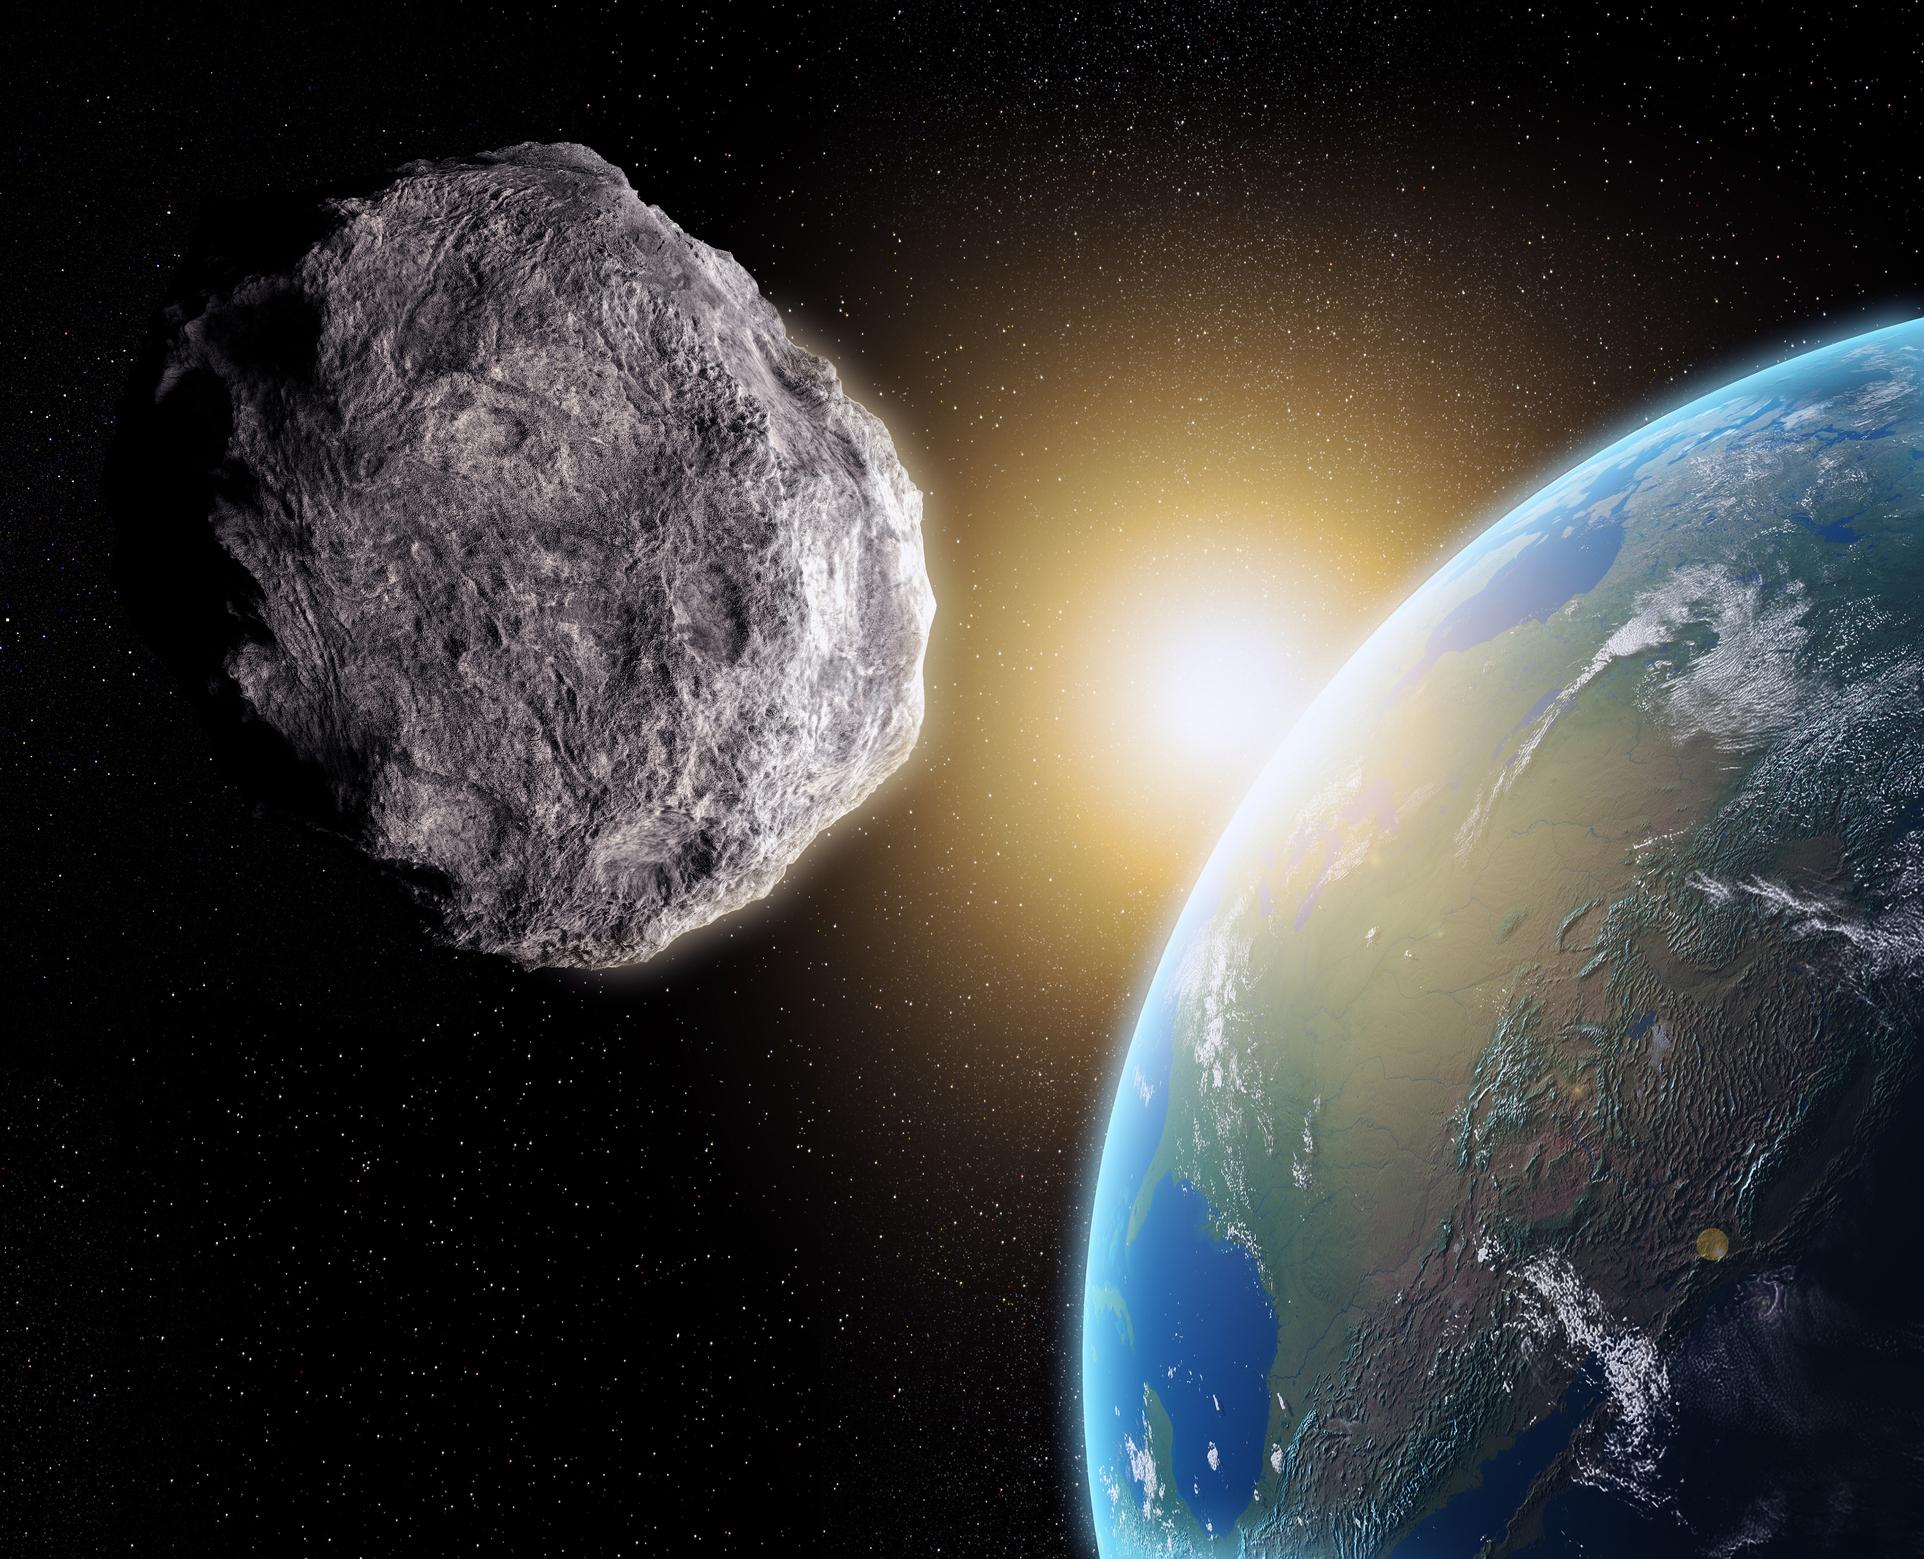 Un asteroid de mărimea unui stat din SUA care valorează 10.000 de cvadrilioane de dolari a fost descoperit de experți